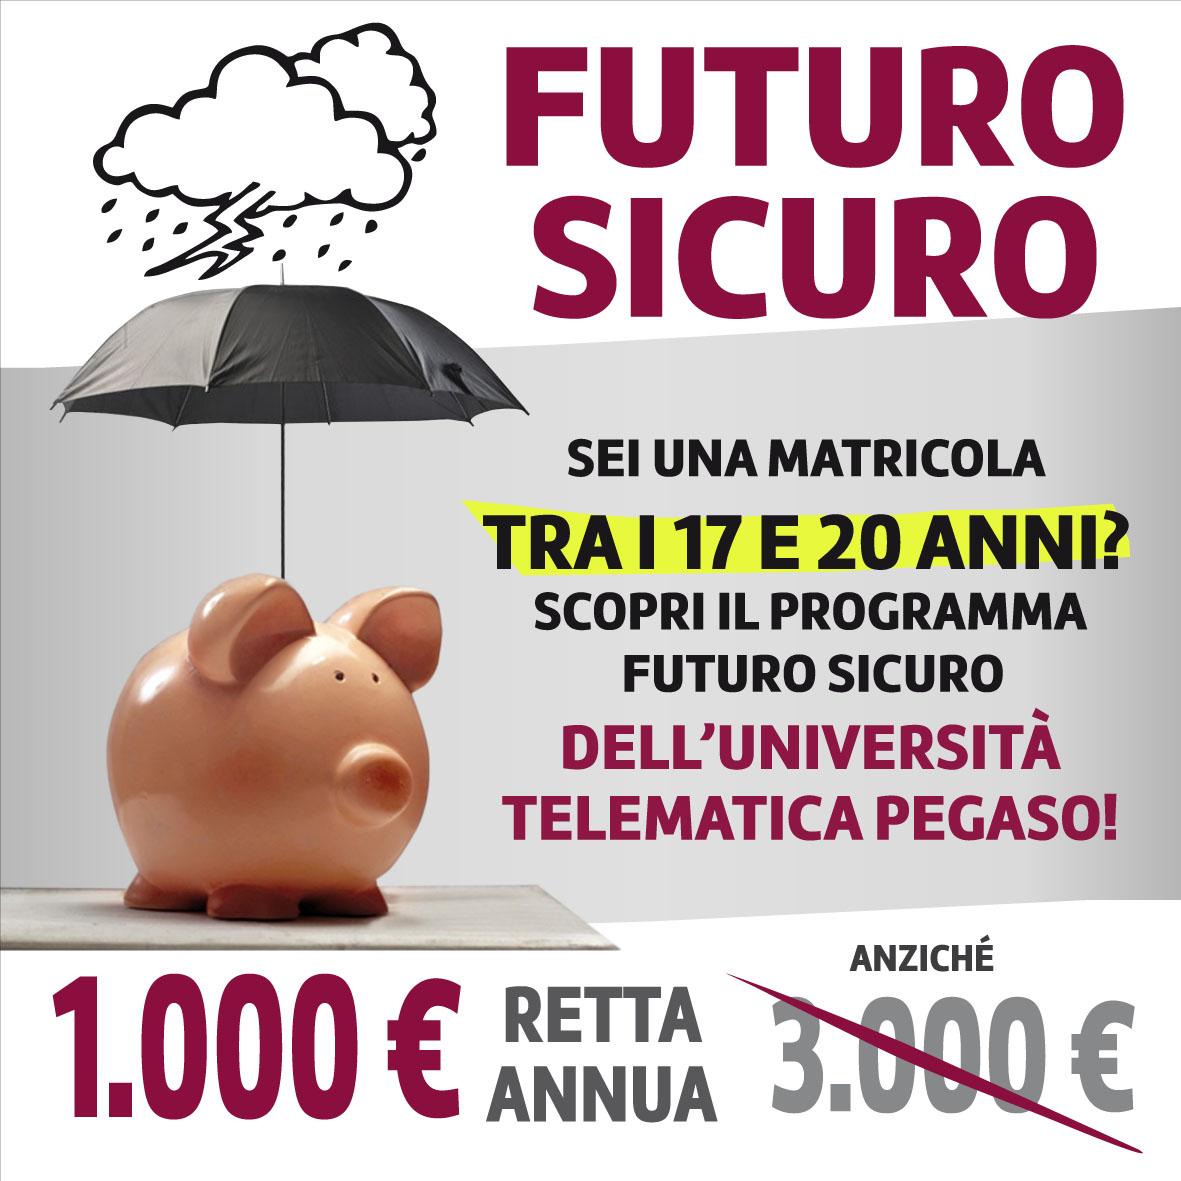 70X70 FUTURO SICURO